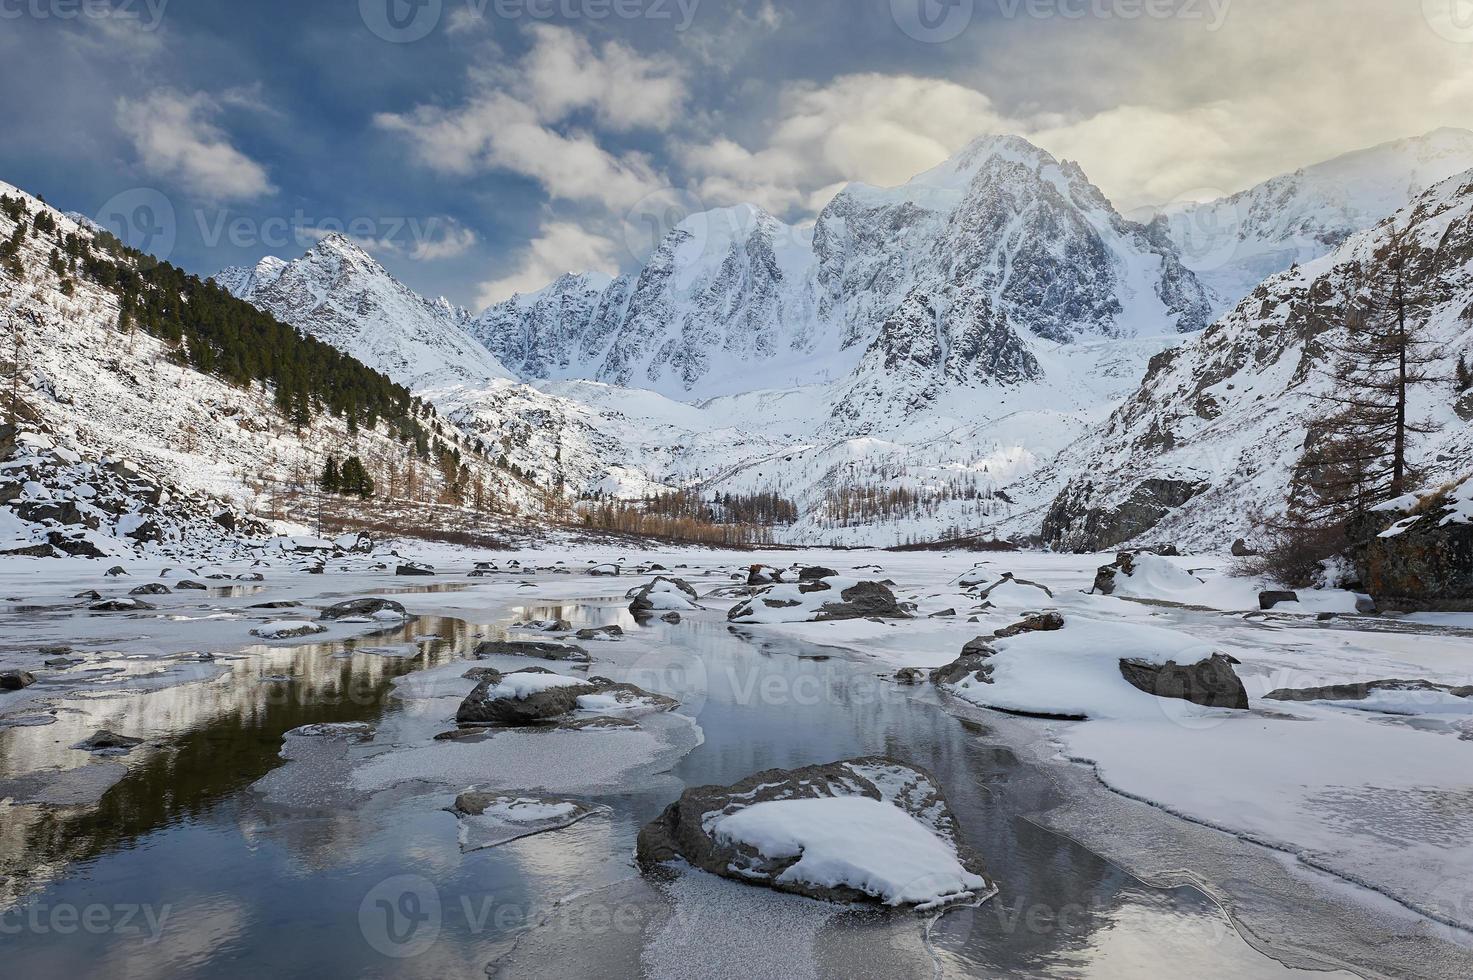 paisagem de inverno bonito, montanhas altai na rússia. foto